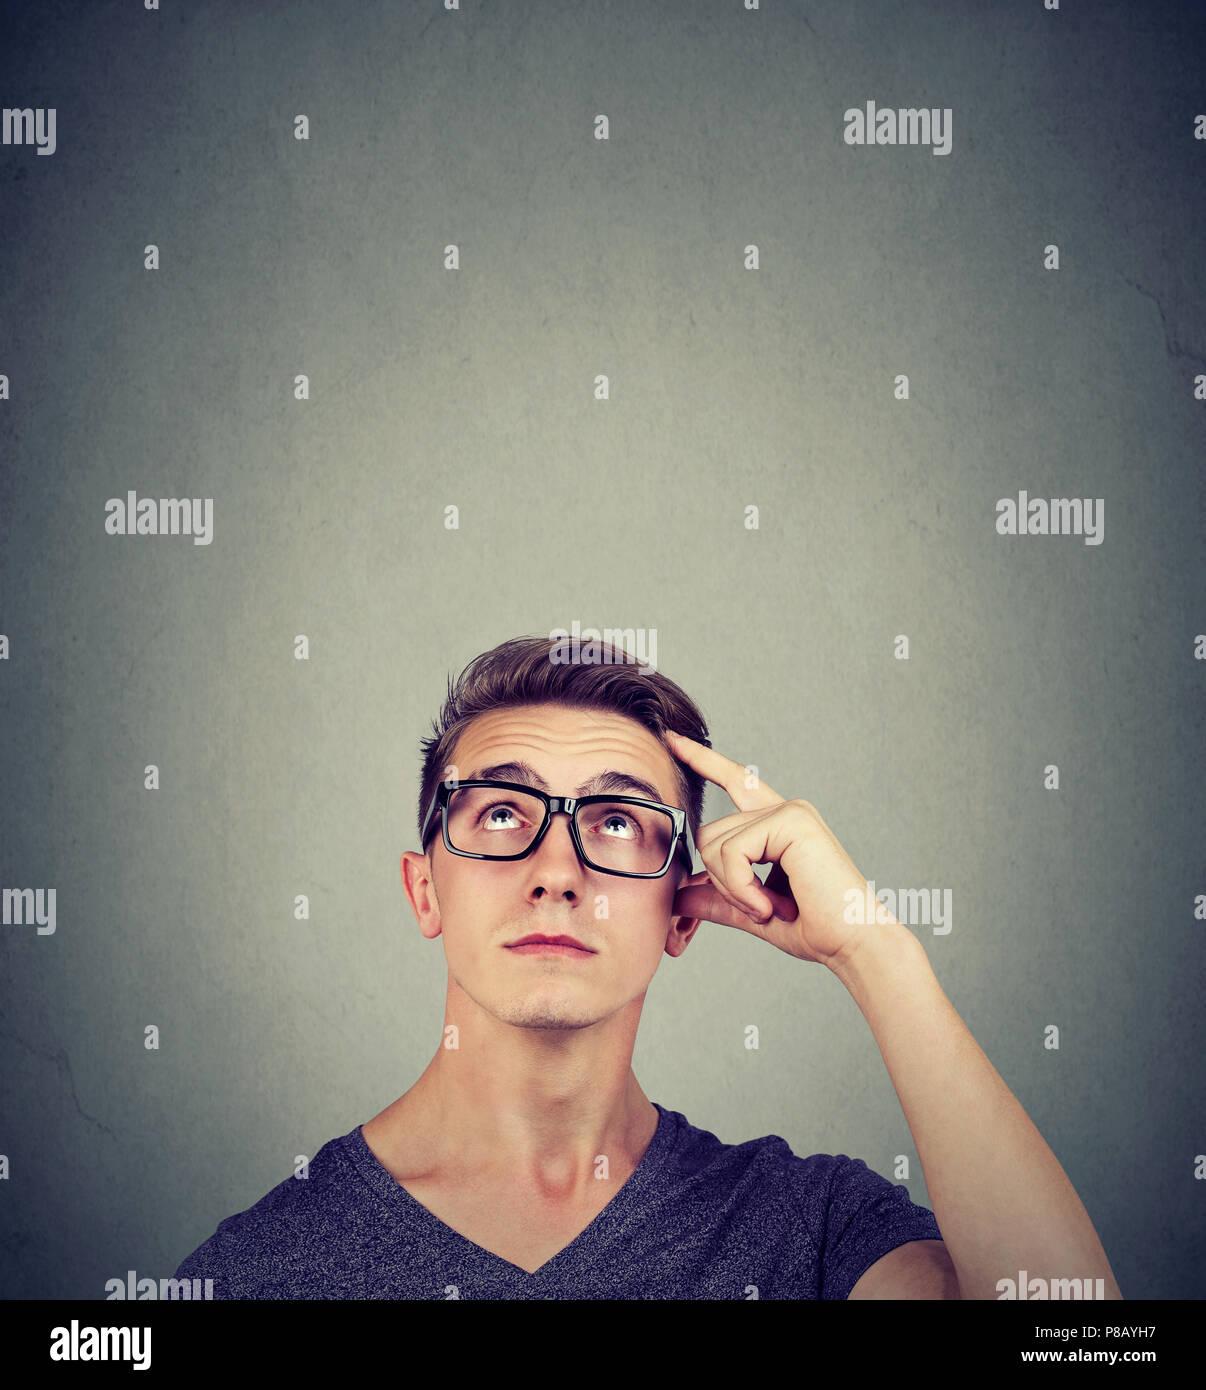 Retrato dudoso pensar joven desconcertado rascándose la cabeza busca una solución aislada, mirando hacia arriba en la pared de fondo. Expresión de cara humana Foto de stock